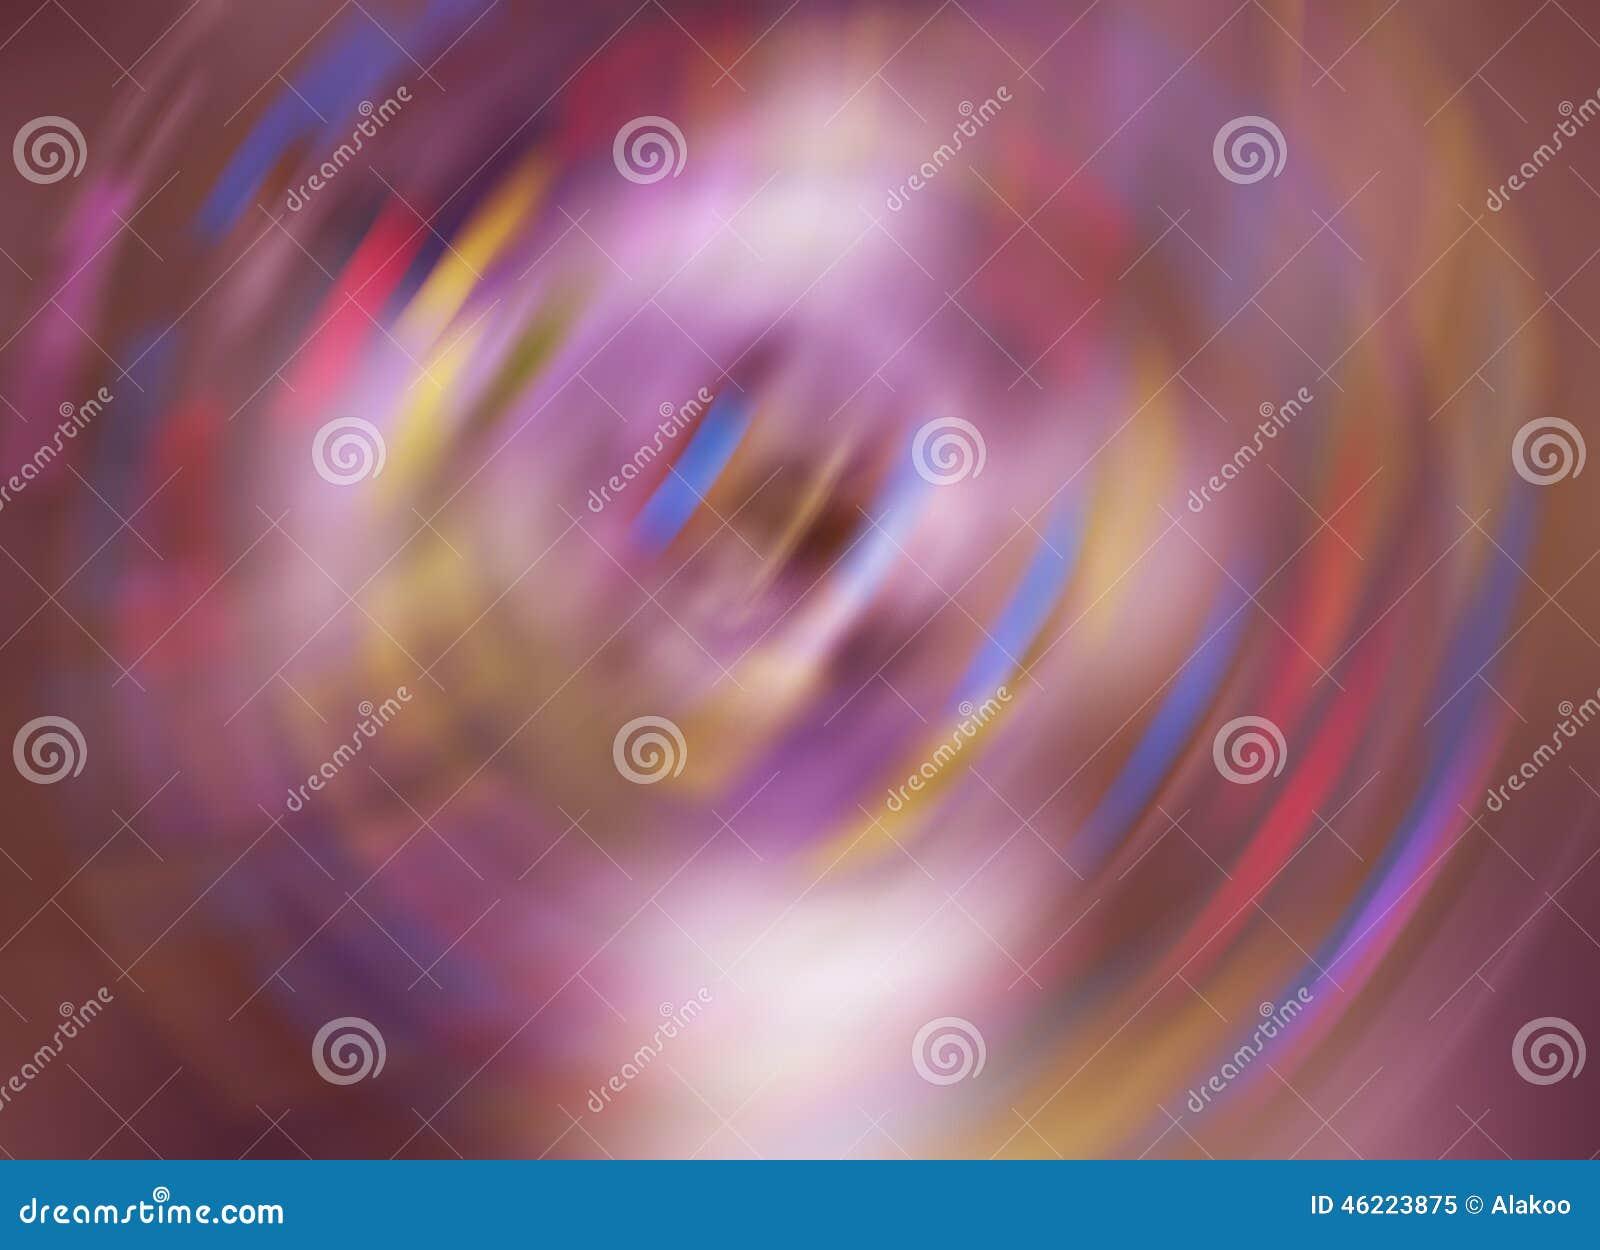 το χρώμα που περιστρέφει το αφηρημένο υπόβαθρο θαμπάδων κινήσεων ταχύτητας, περιστρέφεται θολωμένο το περιστροφή σχέδιο